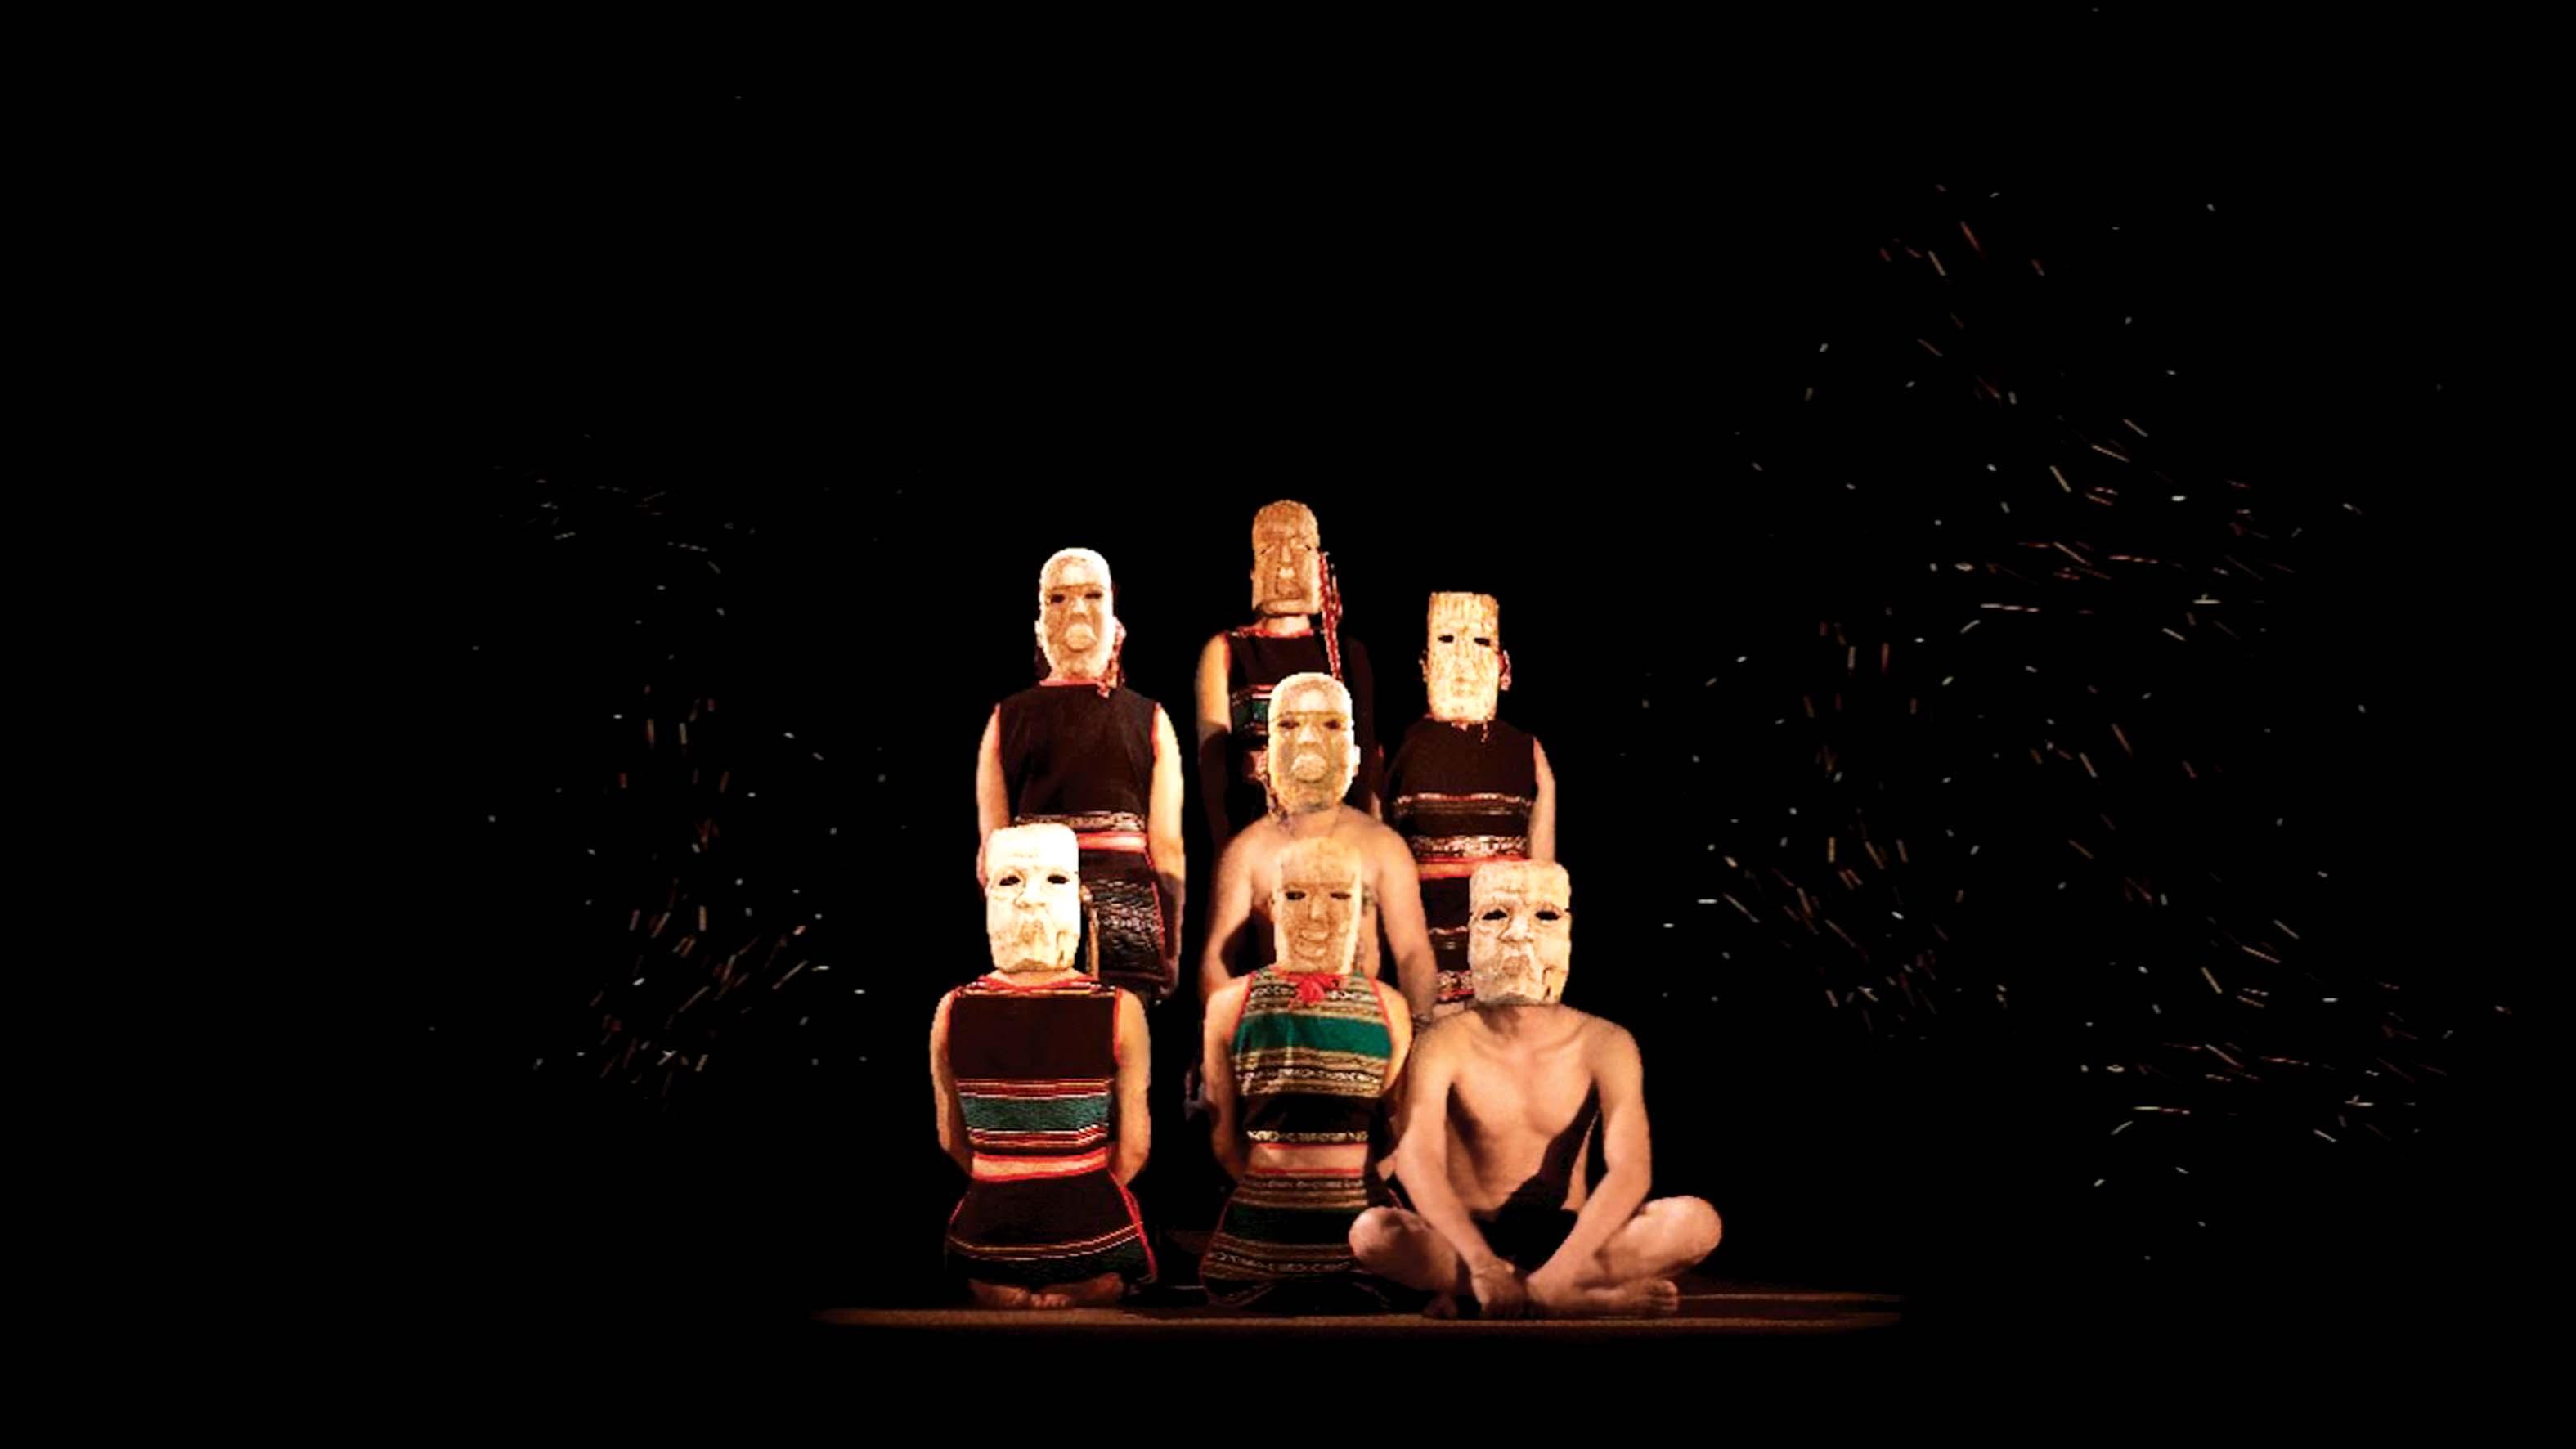 Chỉ hơn 60 phút cũng đủ để nhóm tác giả làm nên kịch xiếc À Ố show mang hồn Việt lên sân khấu hiện đại - ảnh: nhân vật cung cấp